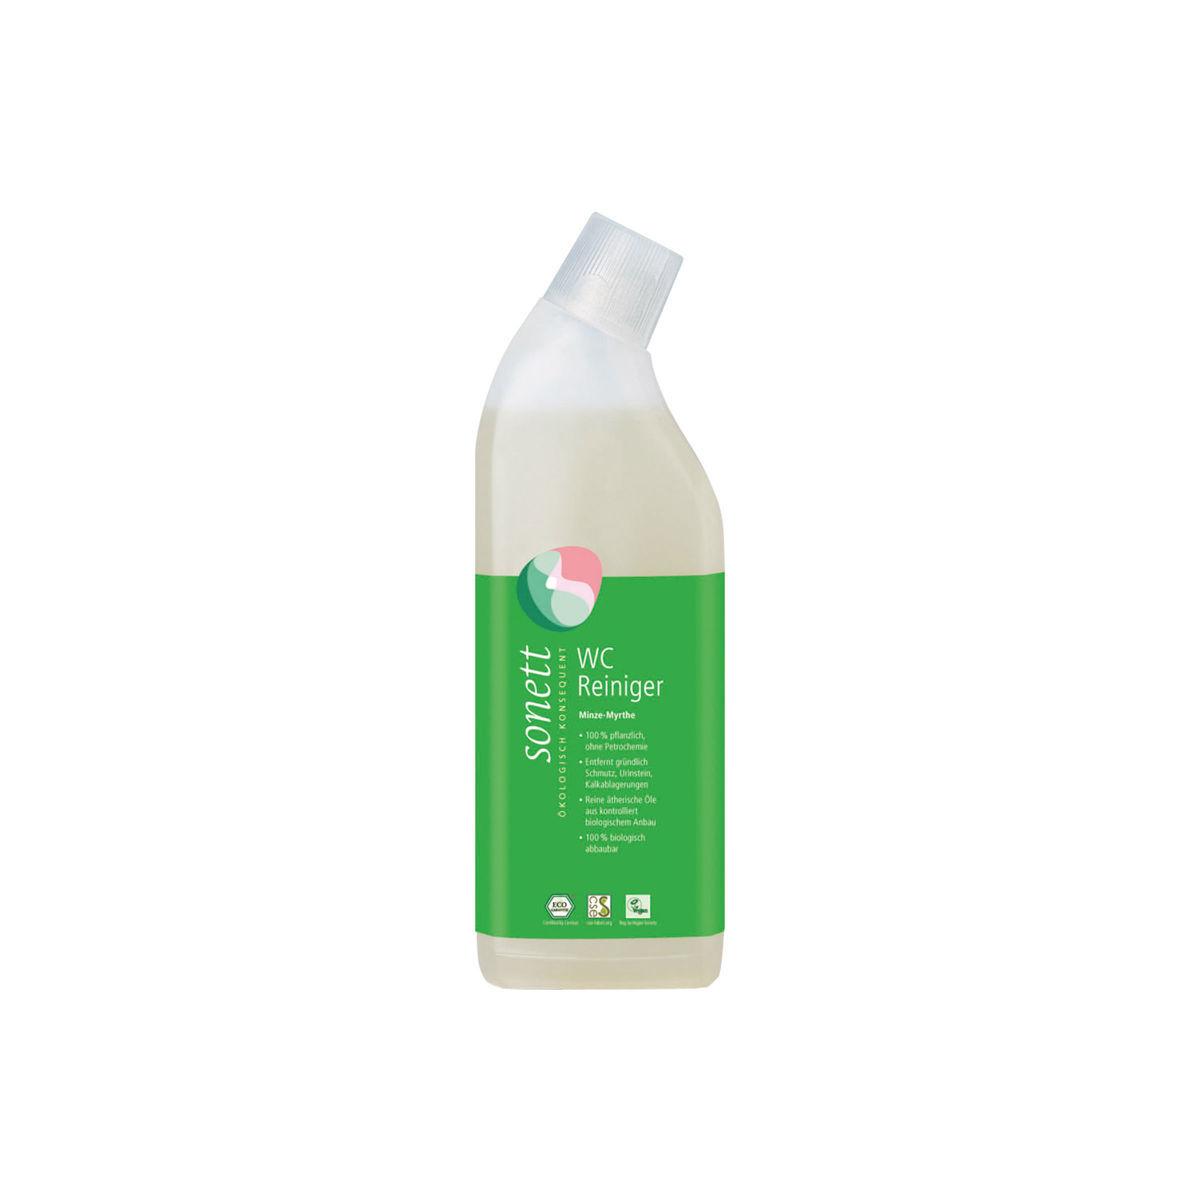 WC Reiniger Minze-Myrthe Flasche 750 ml/Plastik Einweg - Sonett